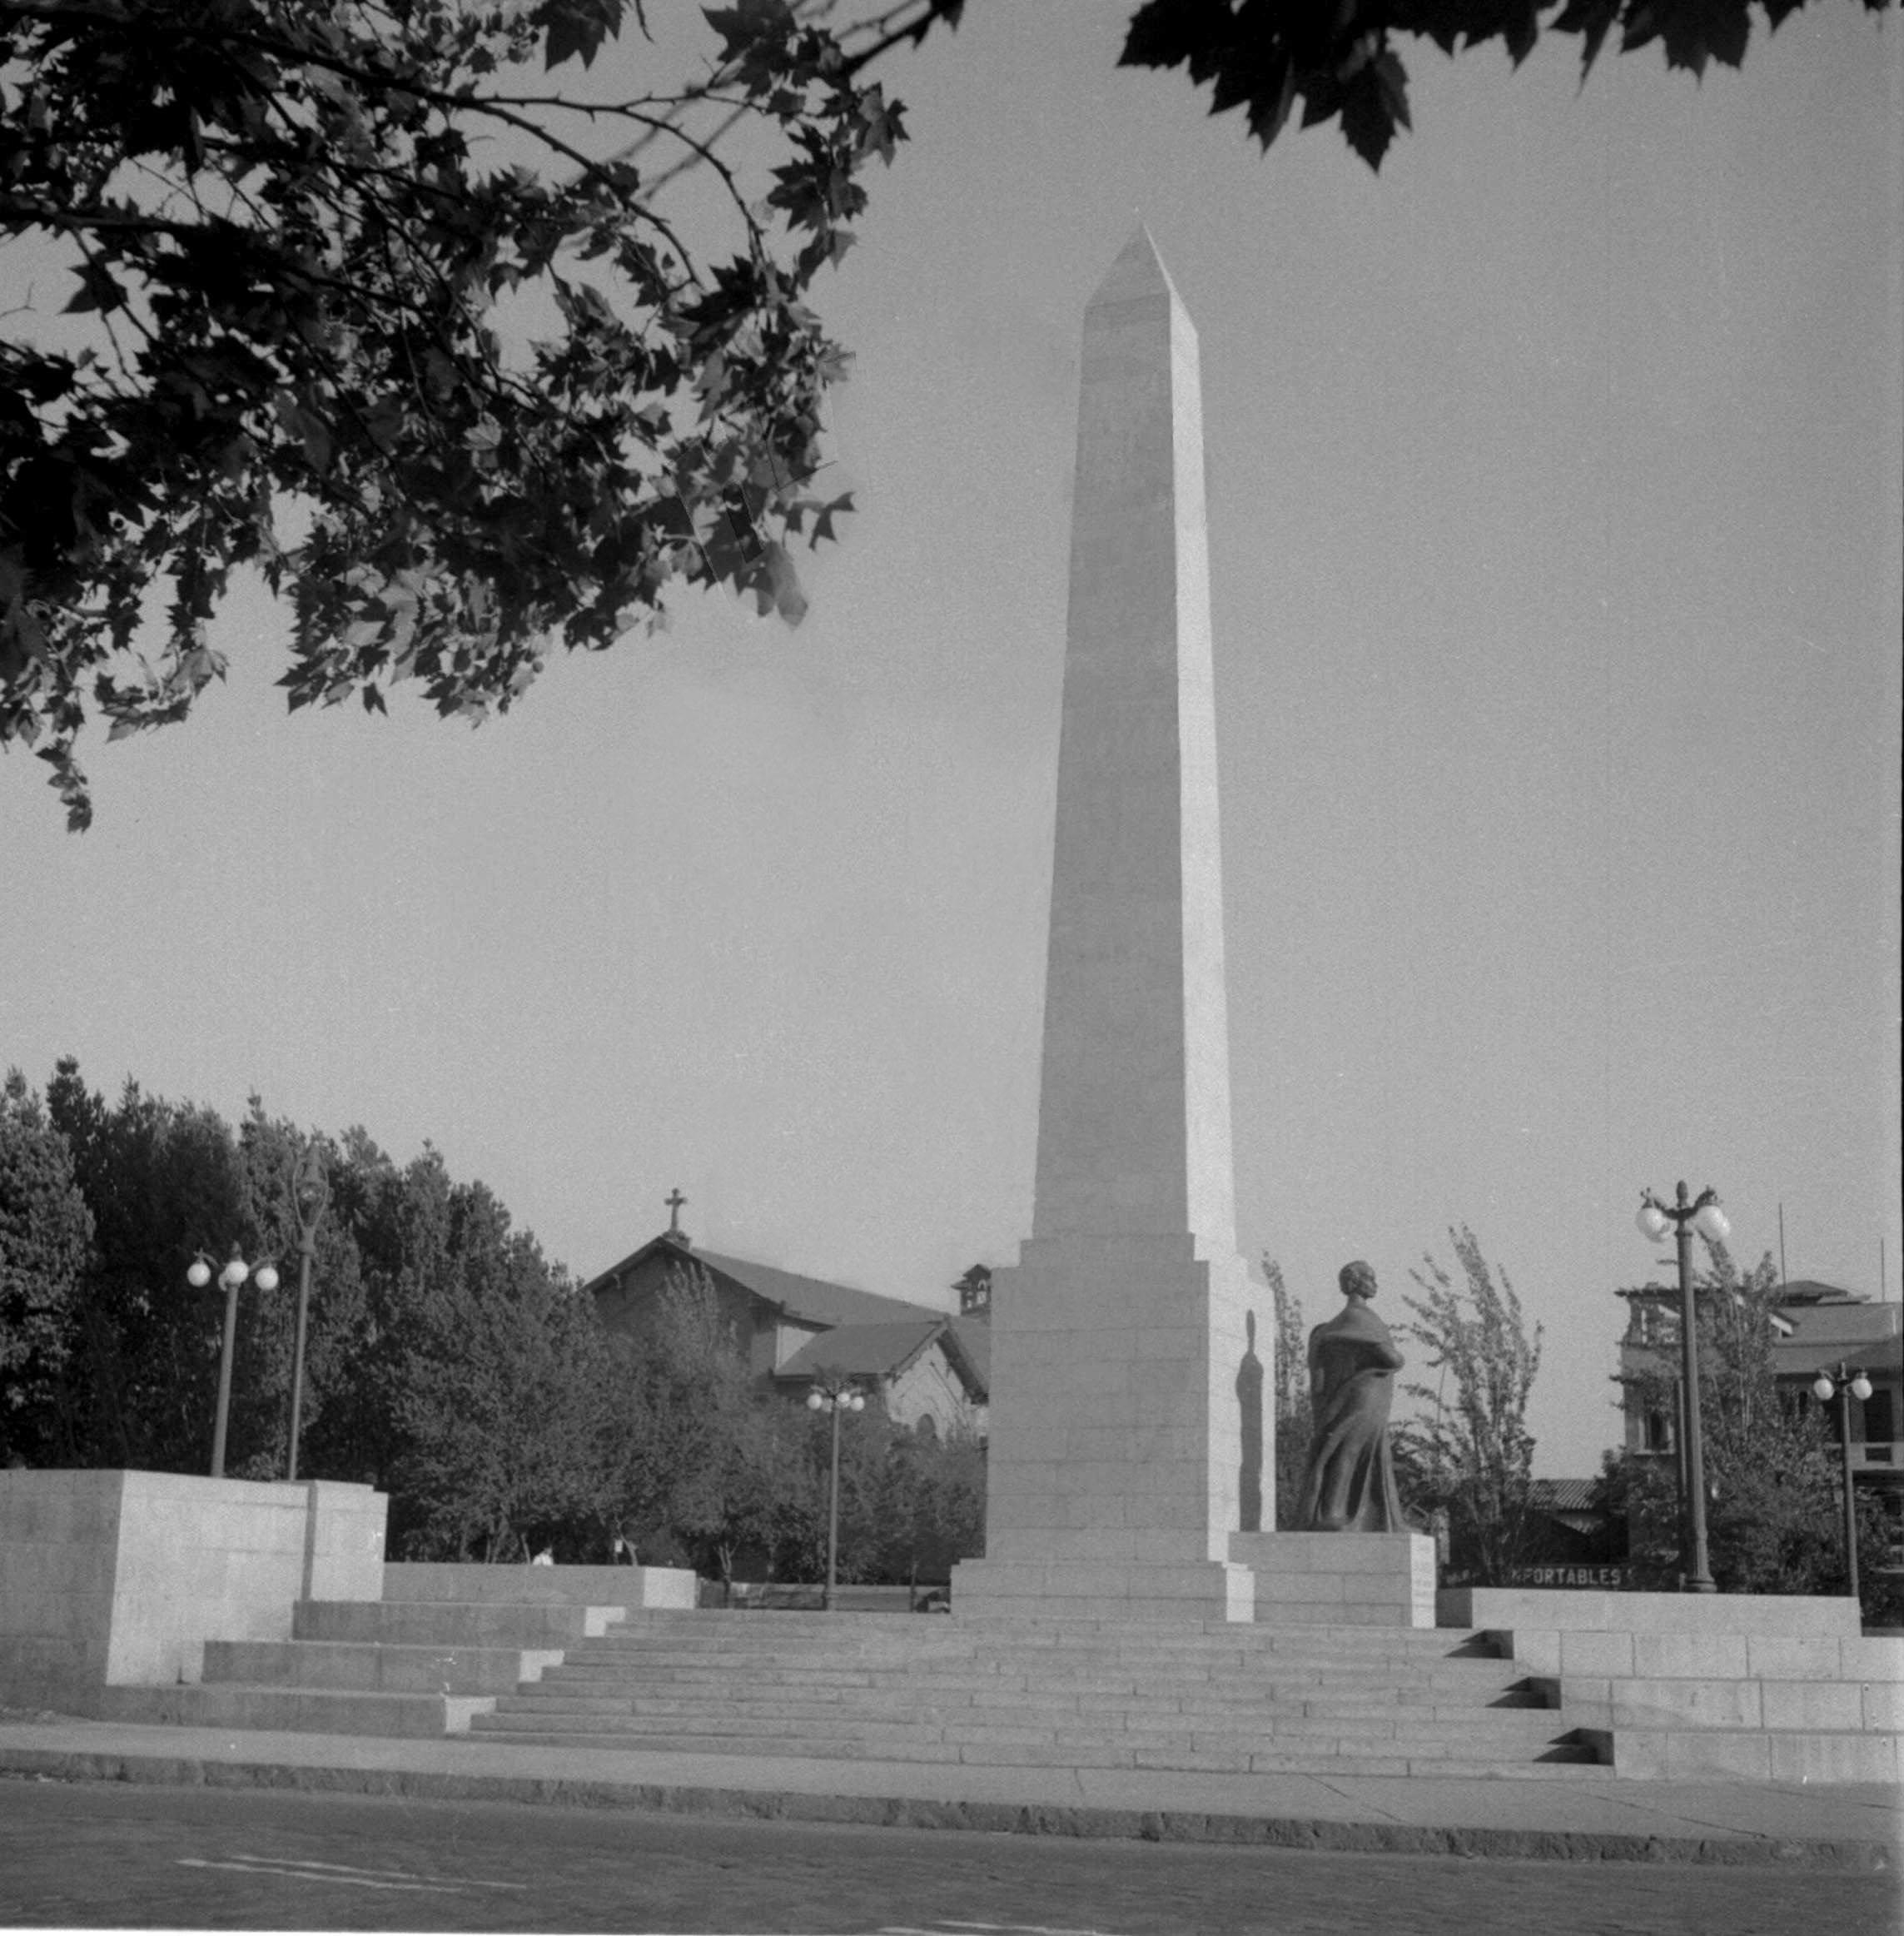 Enterreno - Fotos históricas de chile - fotos antiguas de Chile - Obelisco Balmaceda en 1950